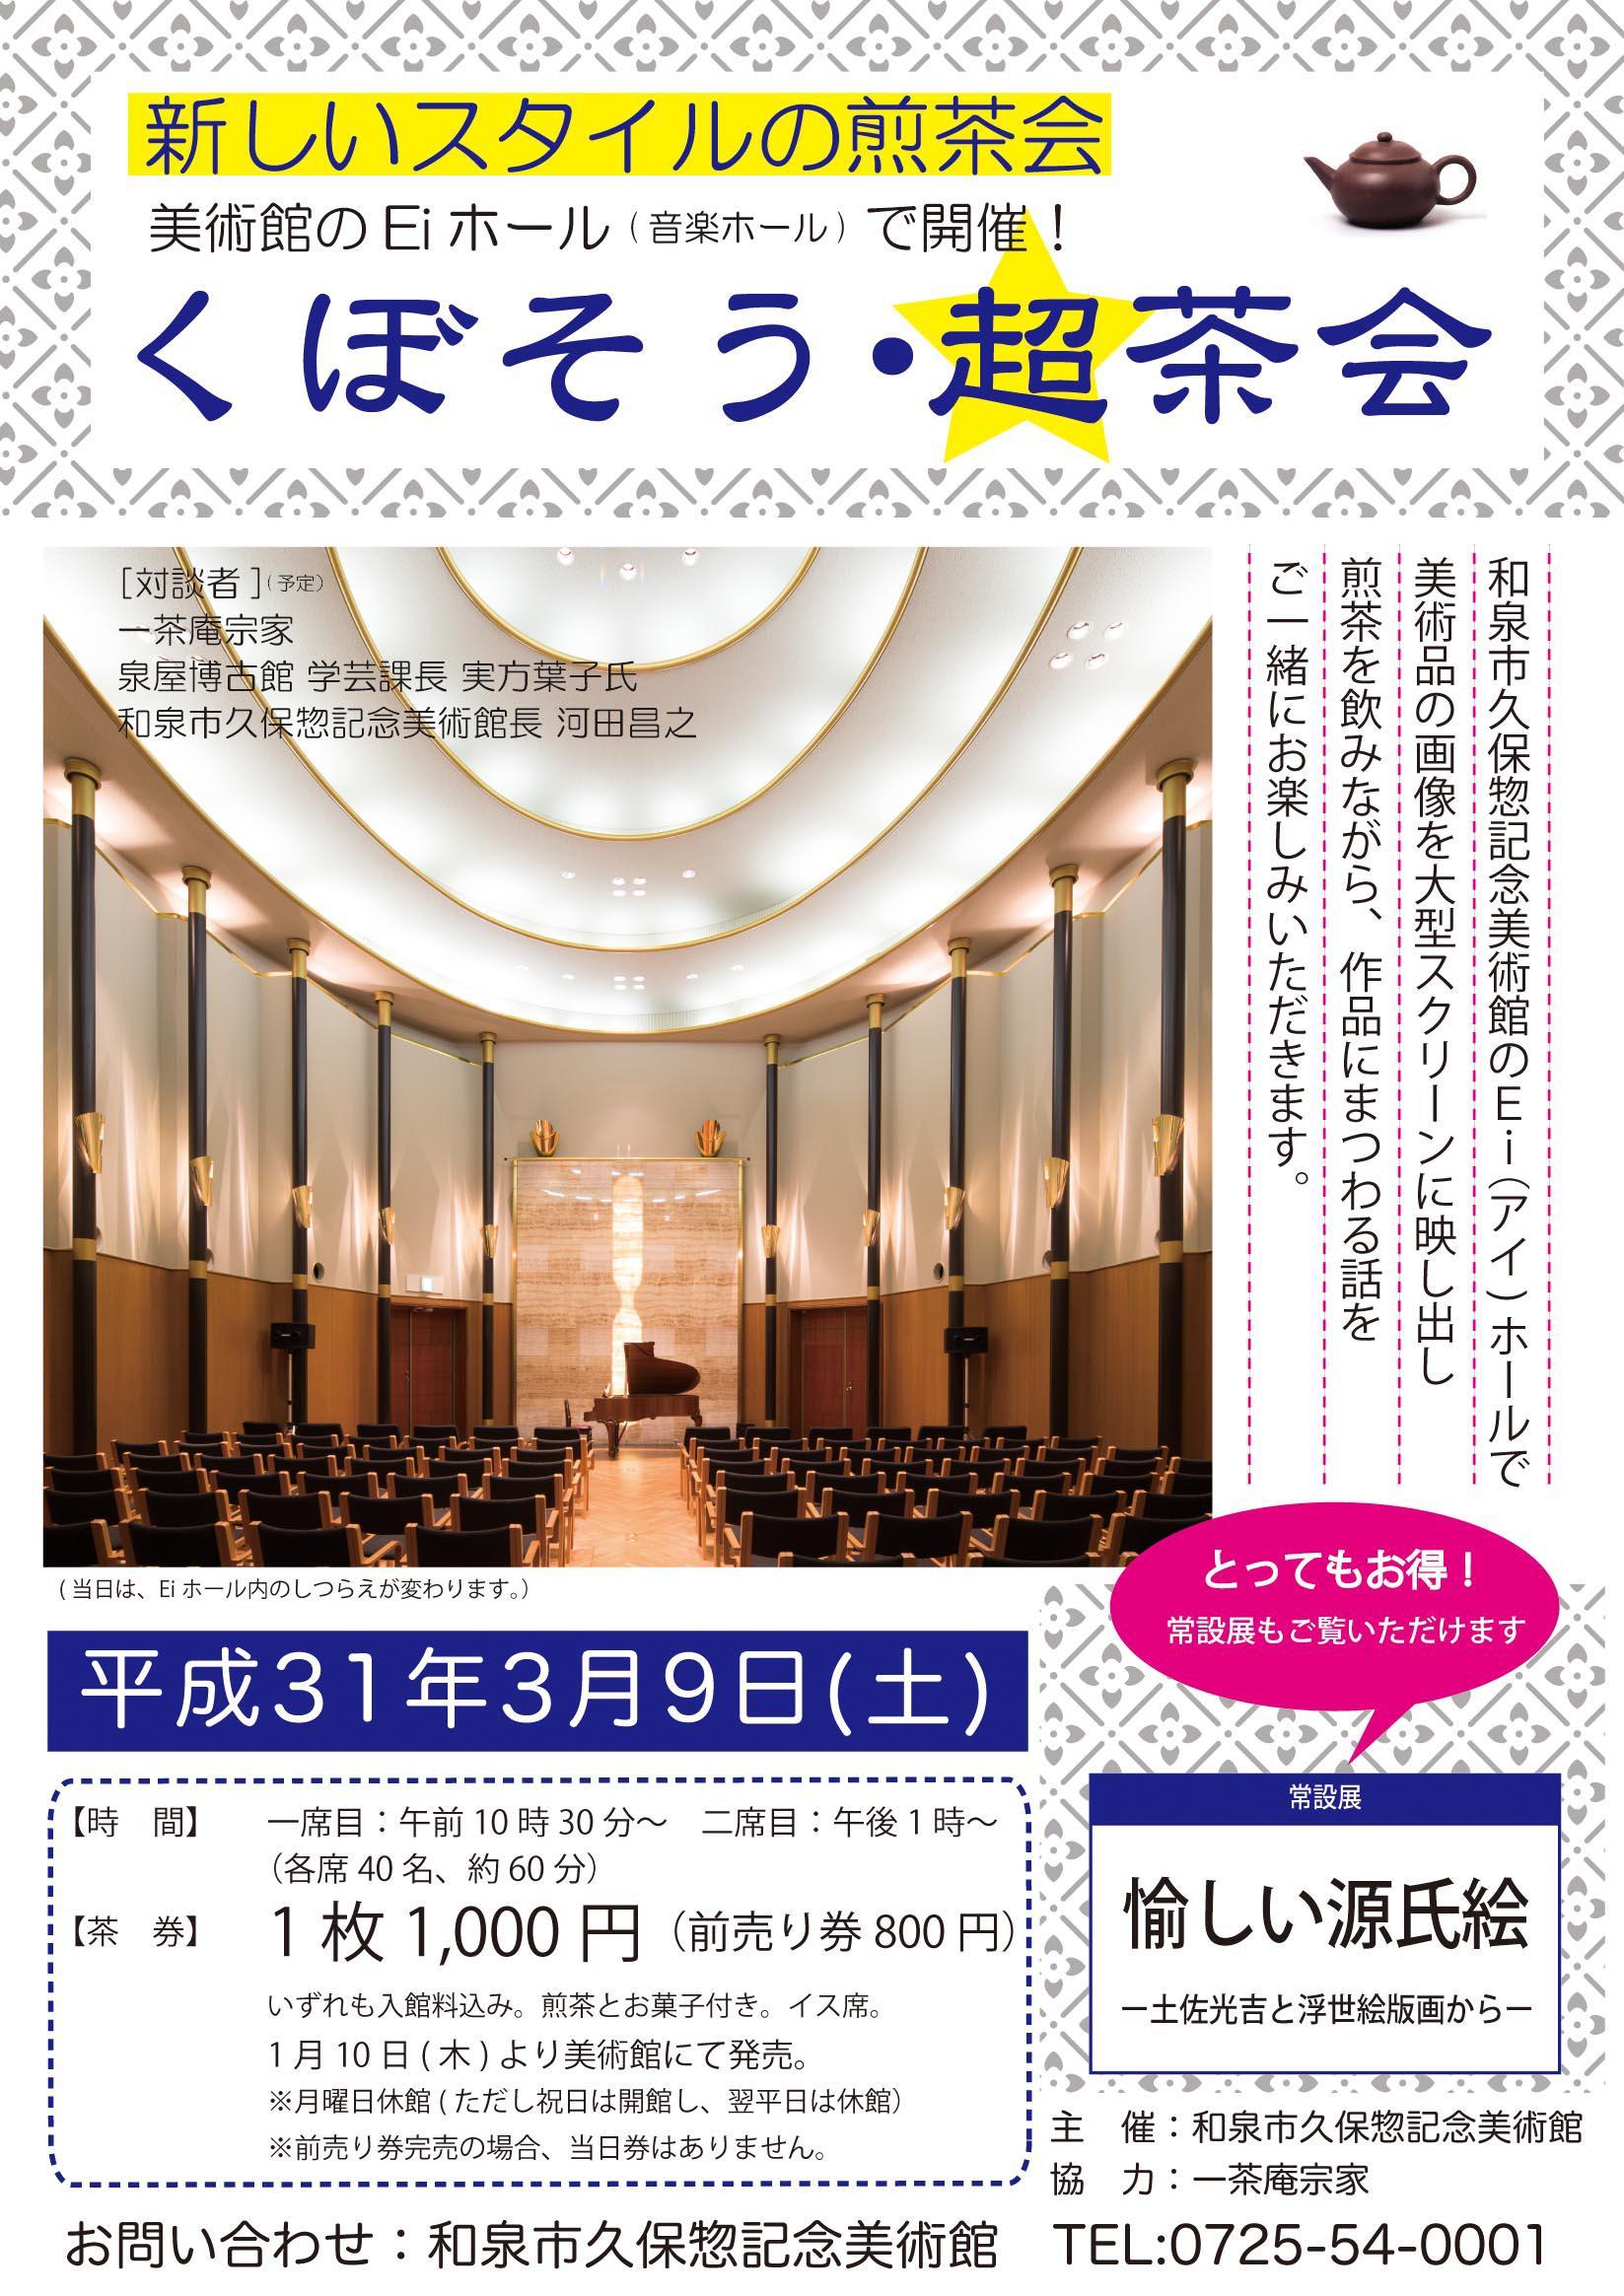 新しいスタイルの煎茶会【くぼそう・超茶会】3月9日(土)  久保惣記念美術館Eiホールで開催!